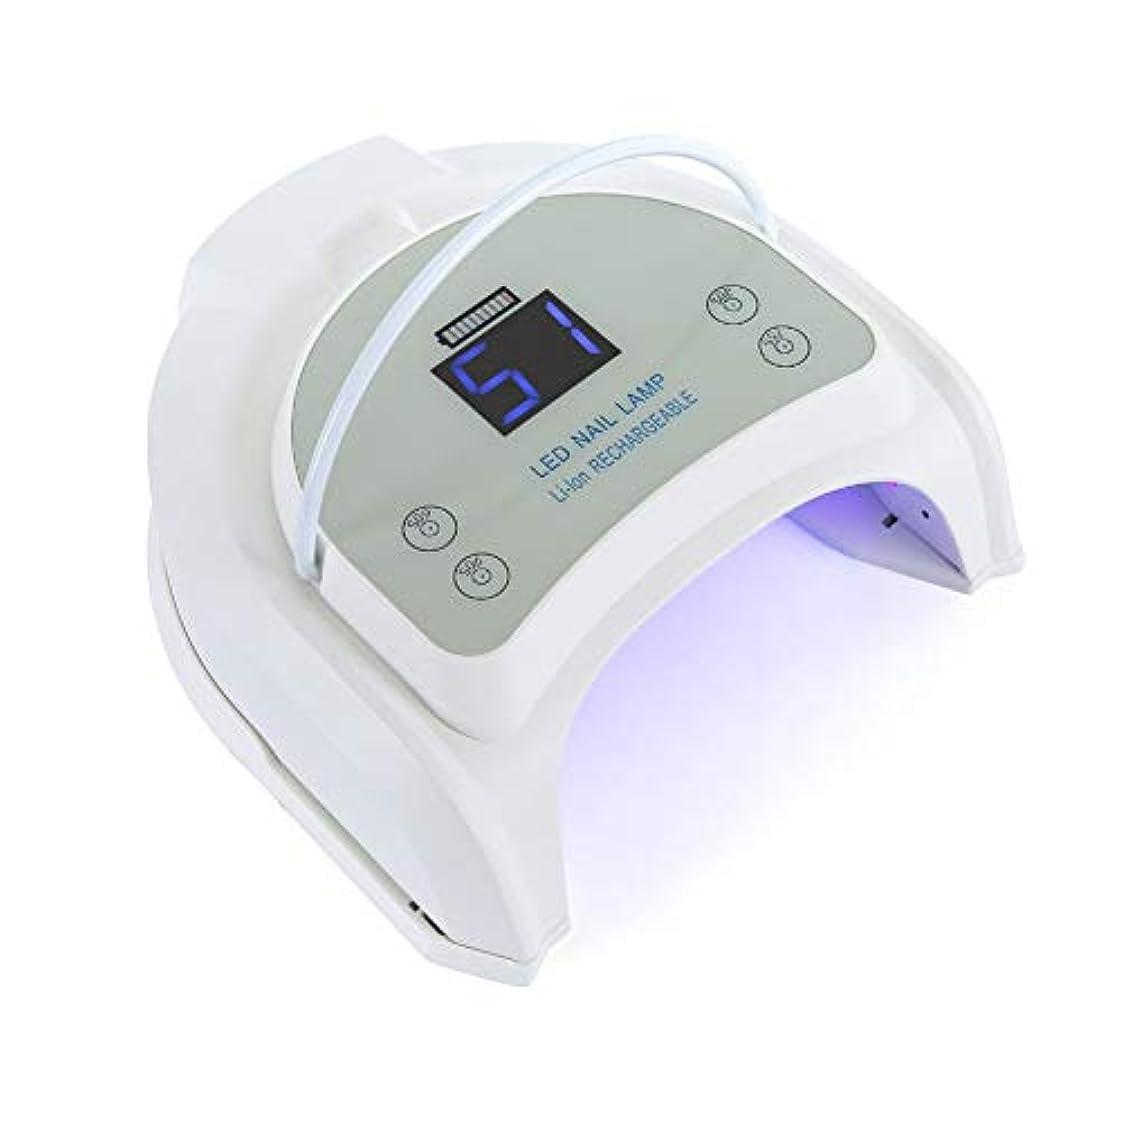 活性化まで業界64WバッテリーリムーバブルワイヤレスLEDネイルランプコードレス充電式LEDネイルドライヤー